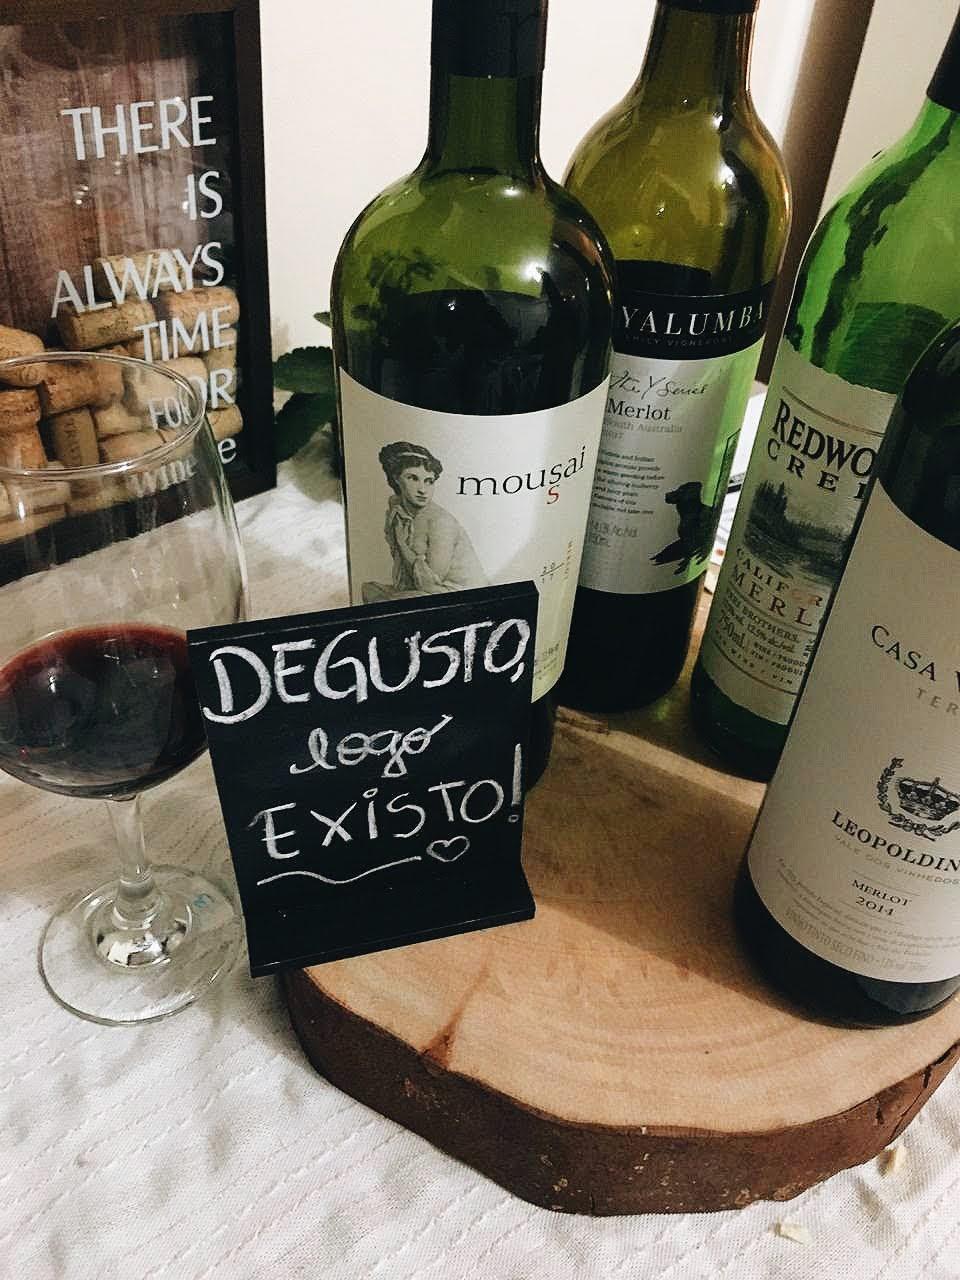 Confraria de vinhos: degusto, logo existo